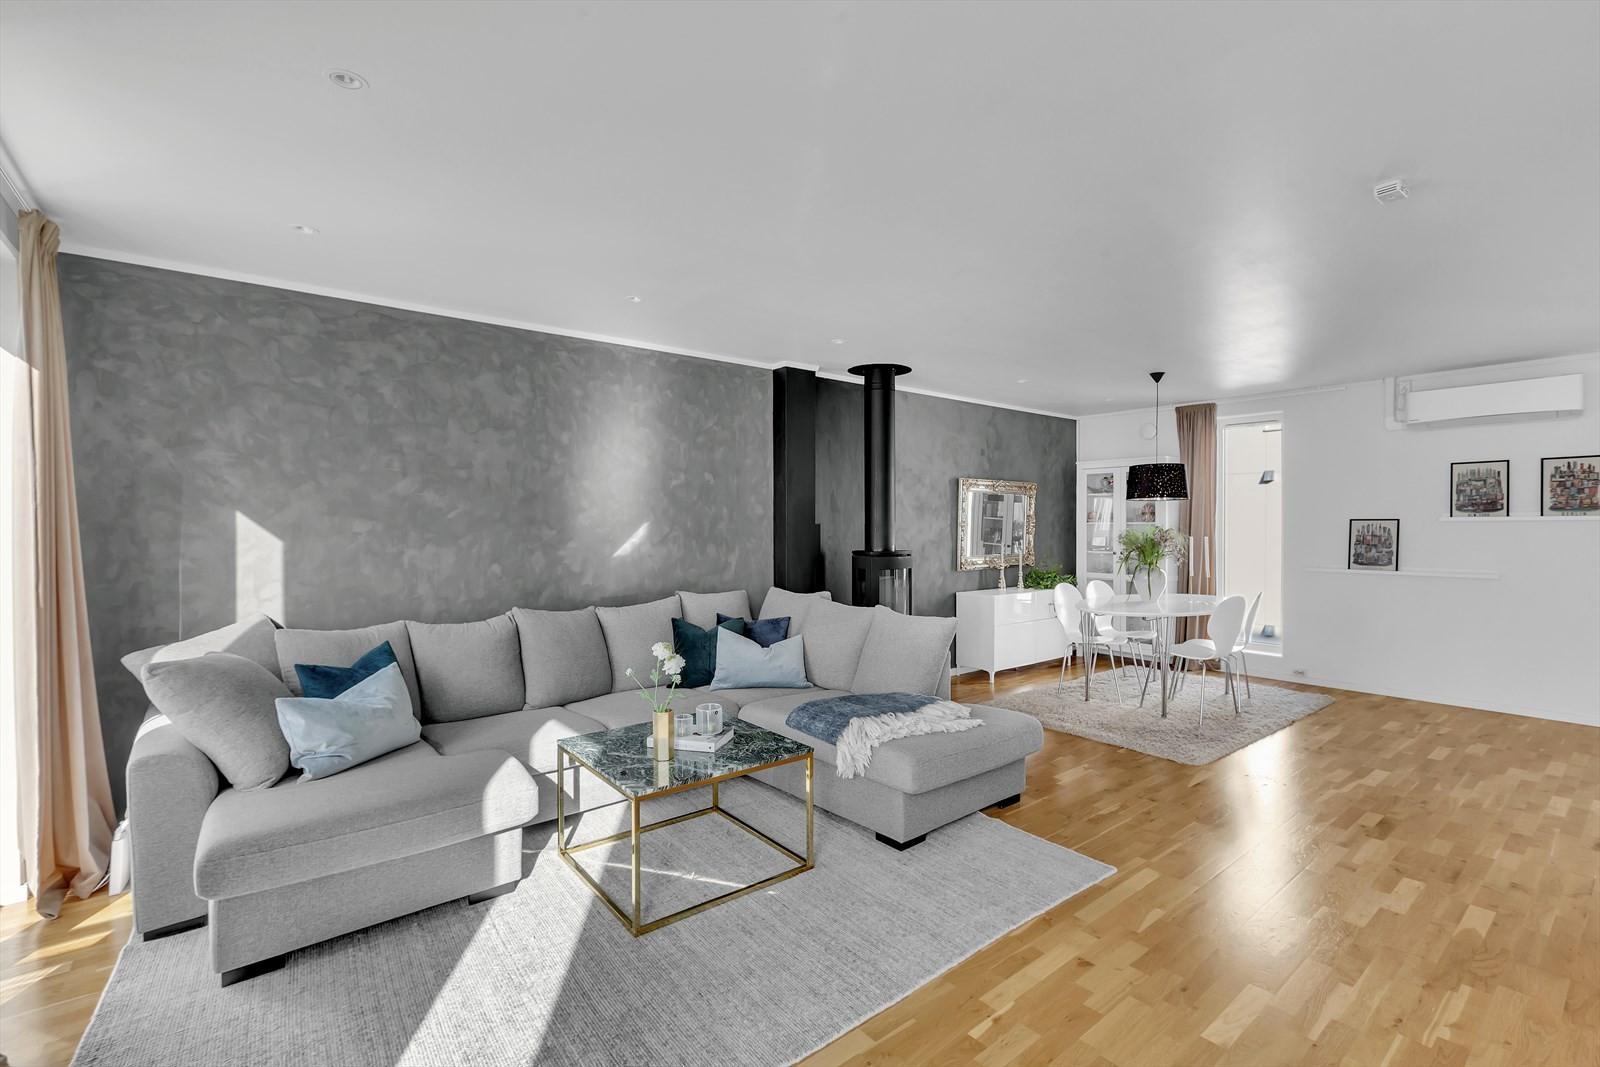 Romslig stue med god takhøyde, stor vindusflater og downlights.